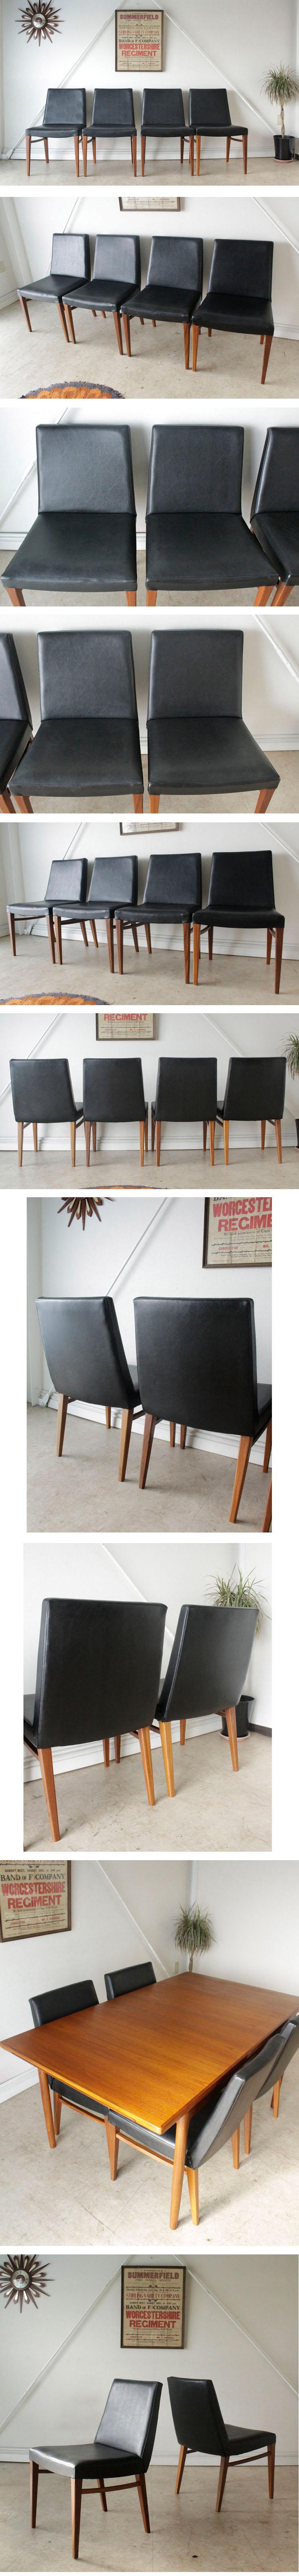 G-planジープラン・ダイニングチェア4脚セット・ビンテージ・チーク北欧家具